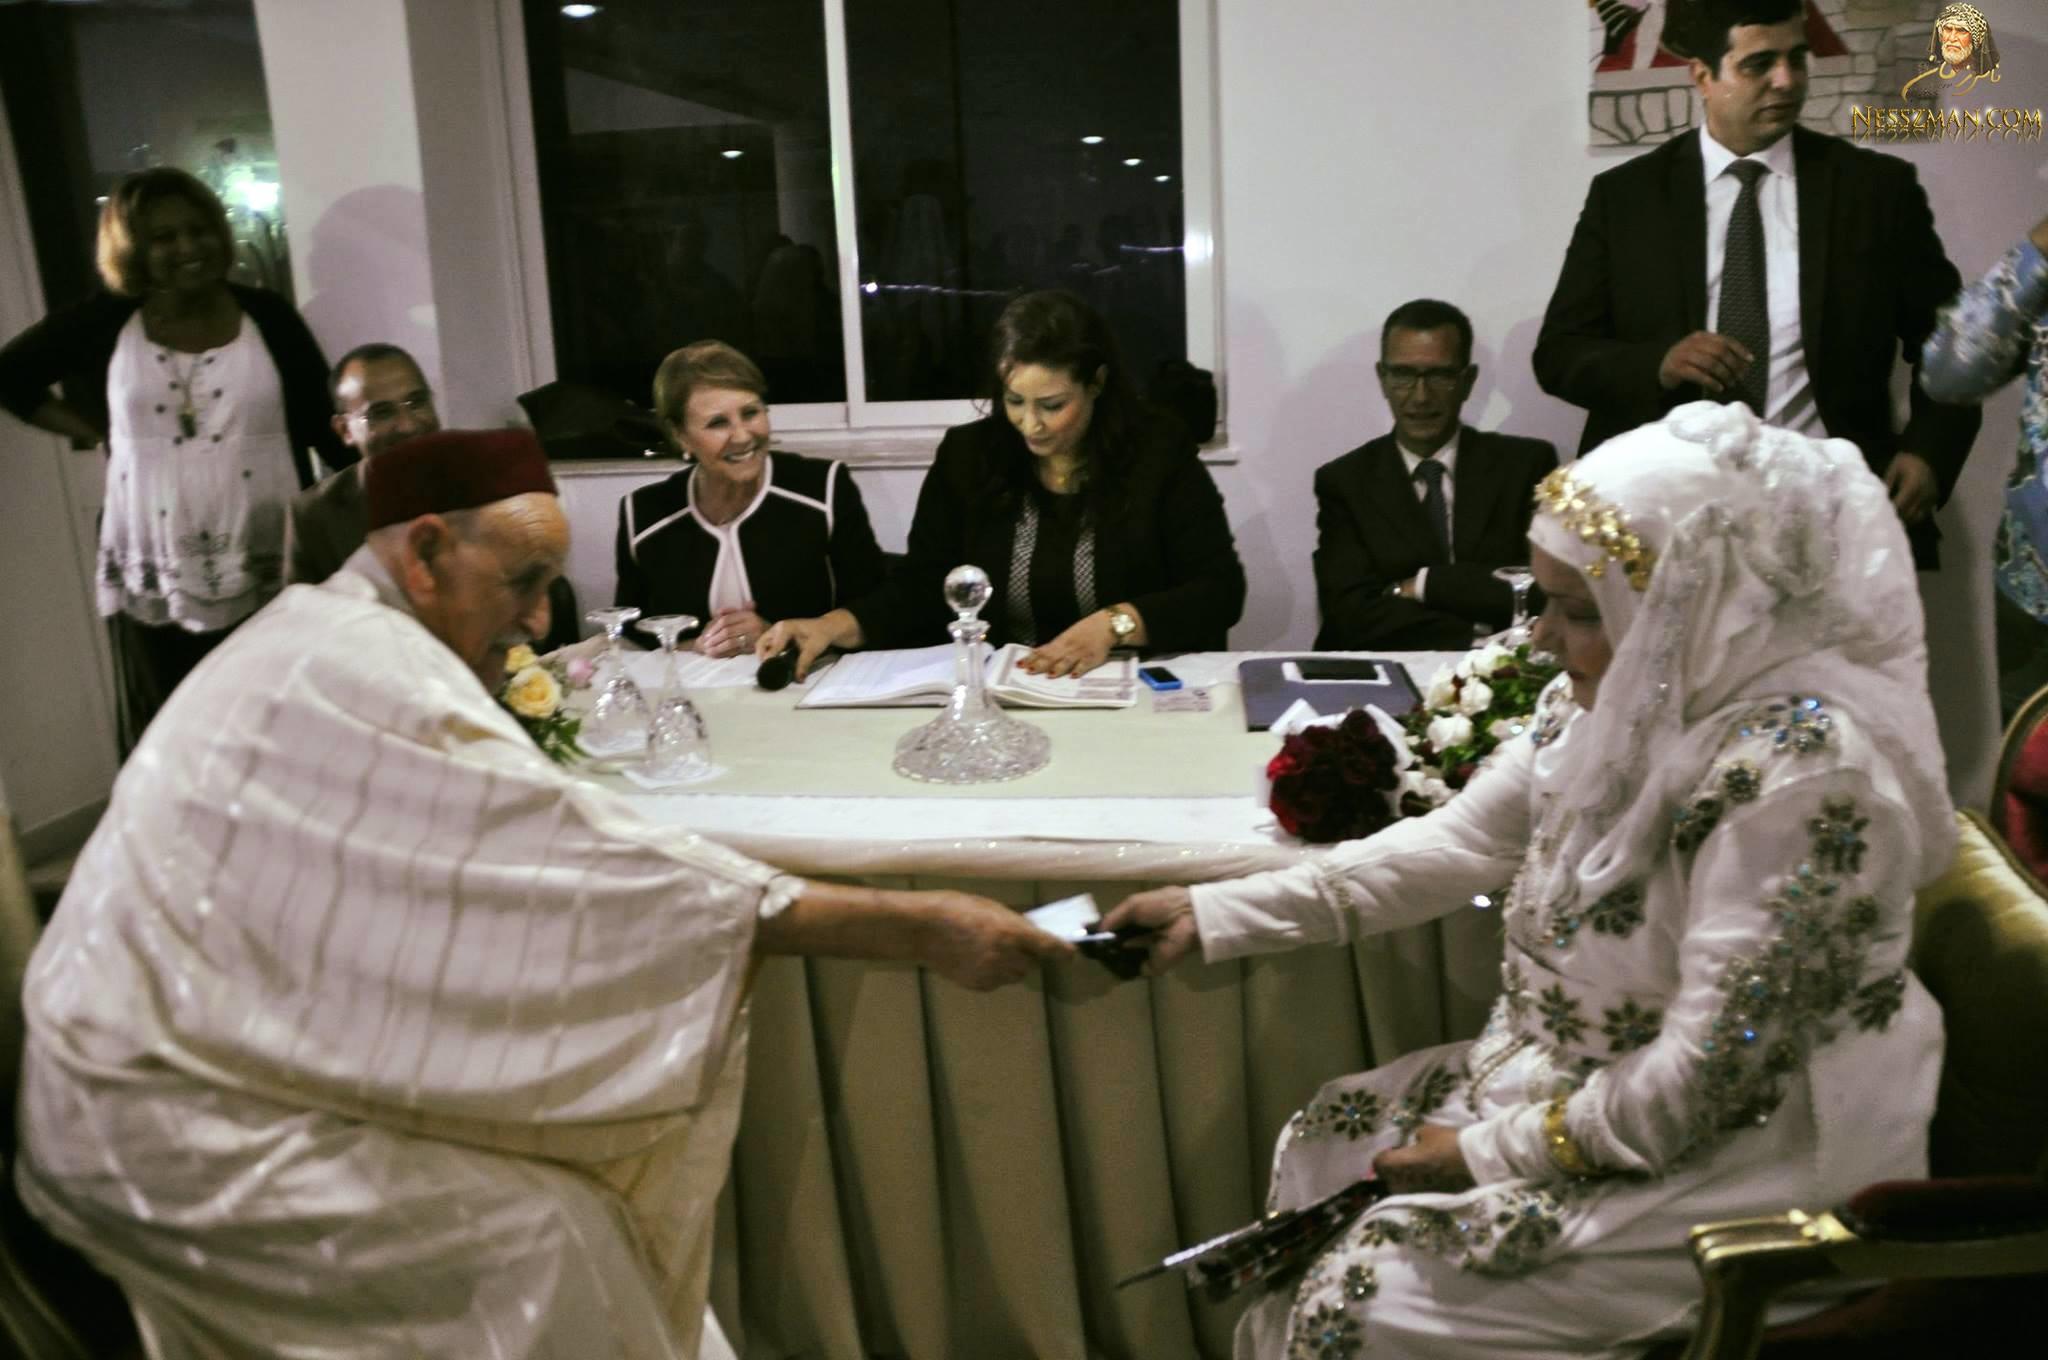 عجوزان في الـ79 من العمر يعقدان قرانهما بقمّرت